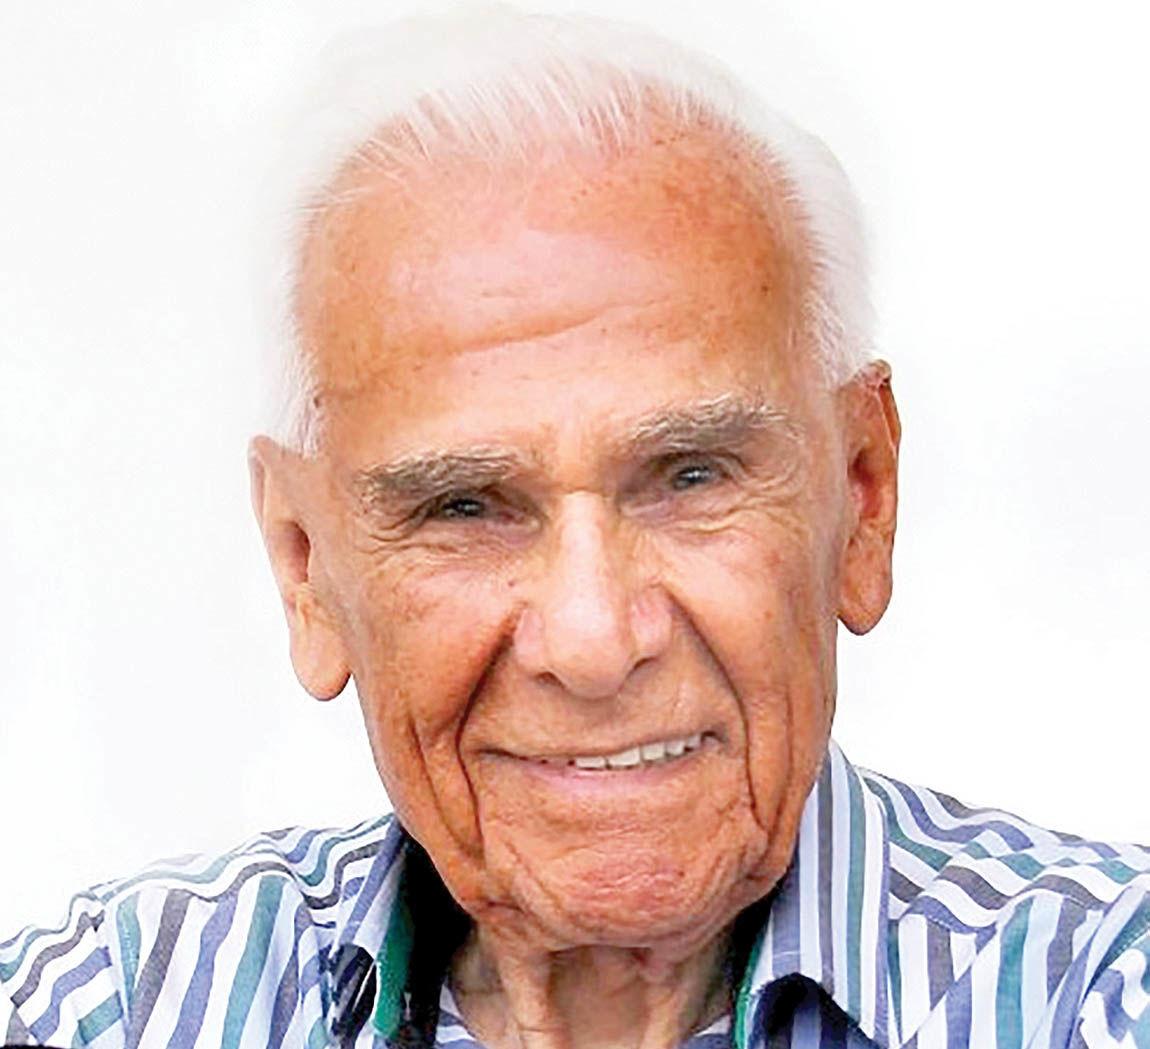 بزرگداشت استاد پیشگام نقاشی و گرافیک در ارسباران